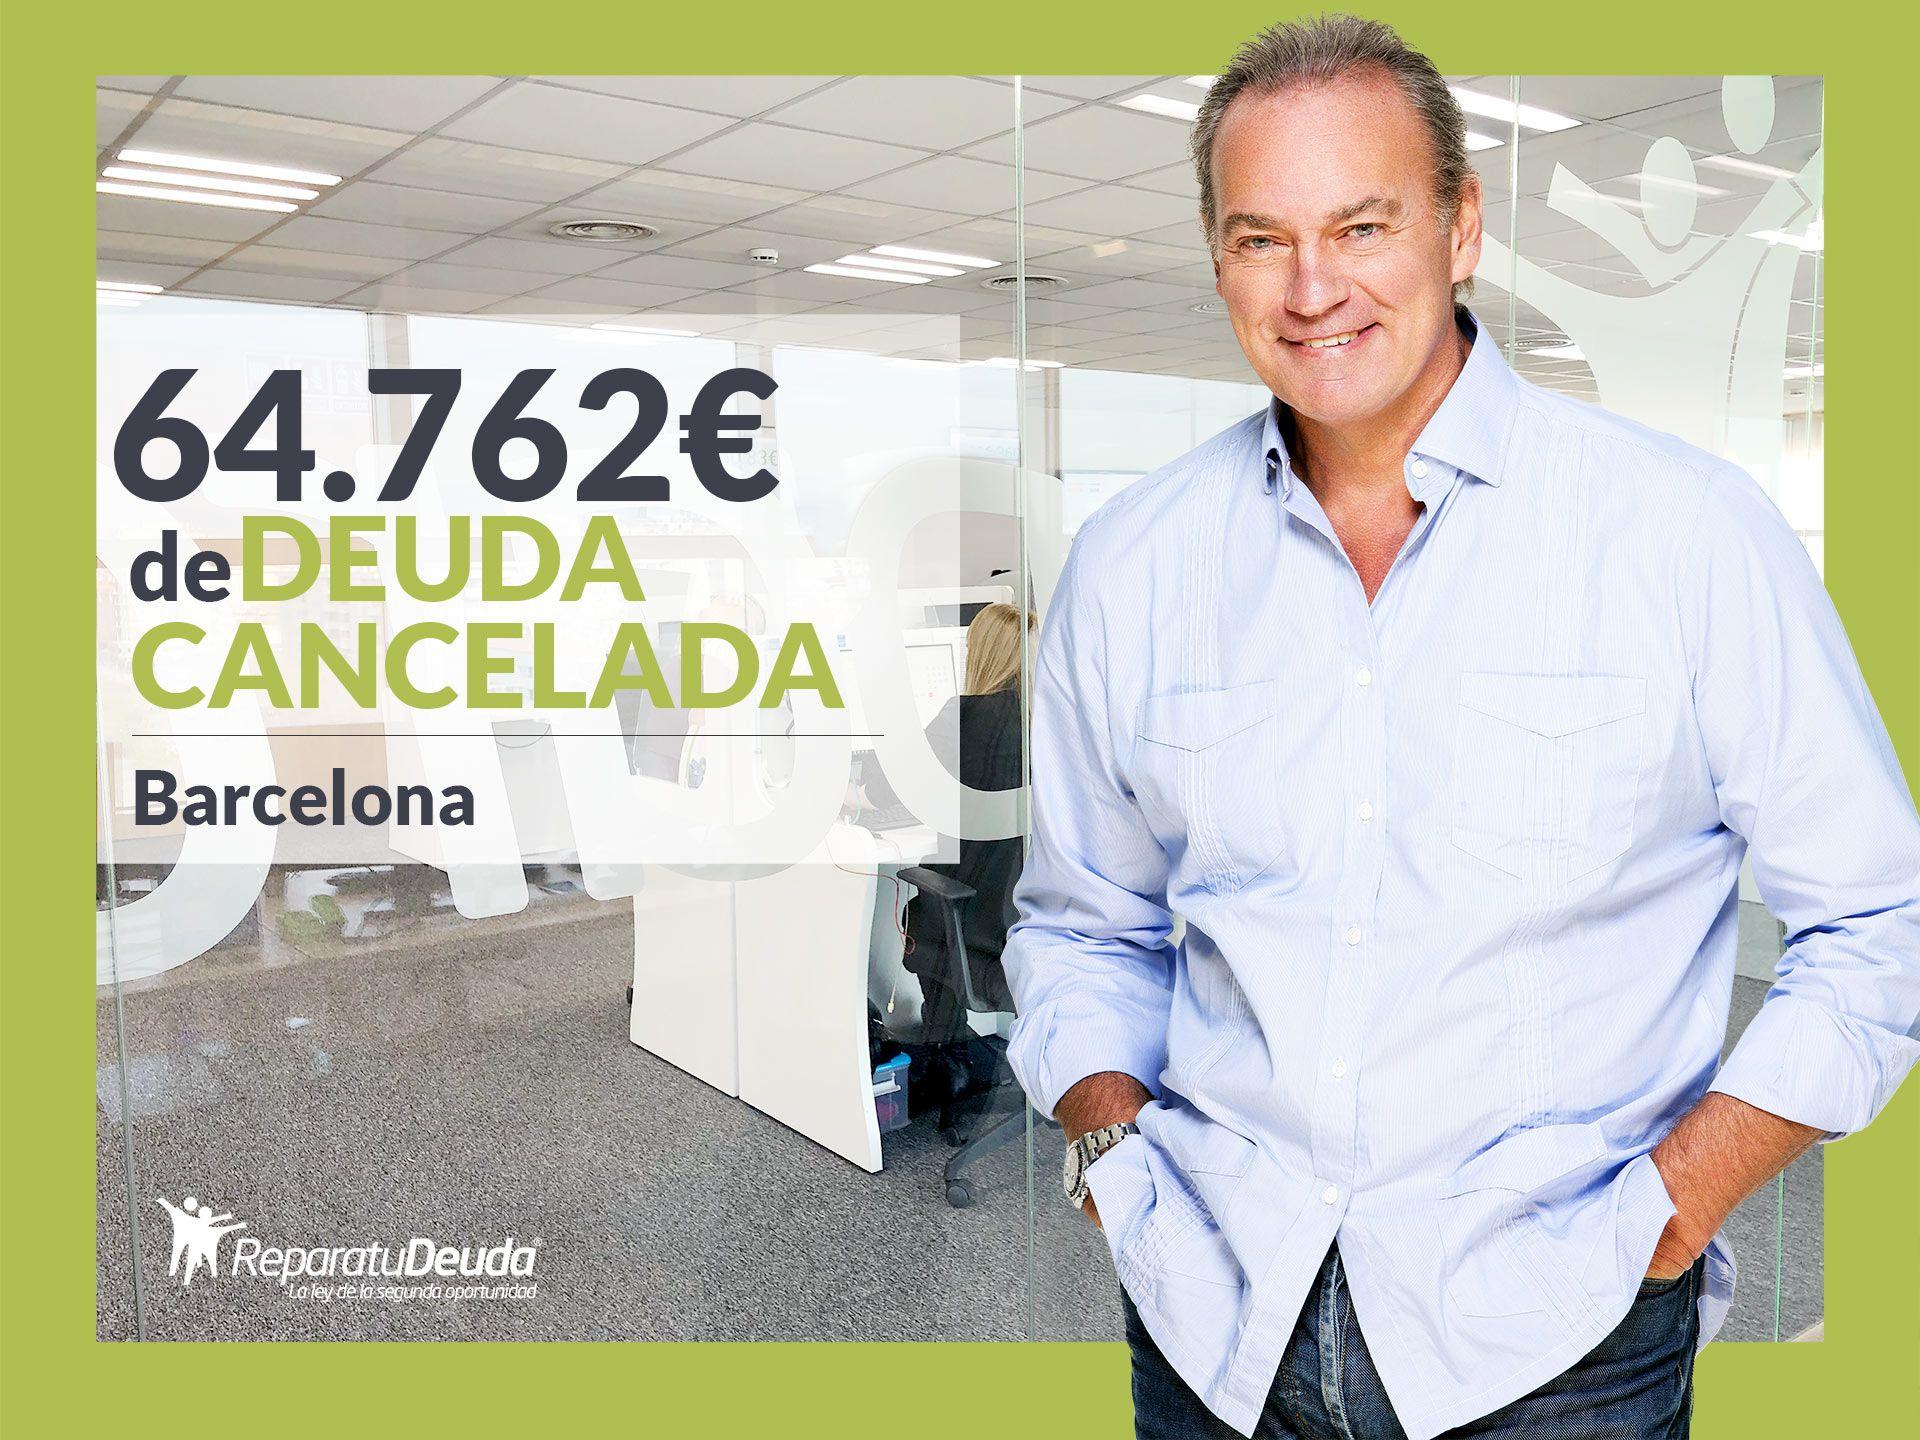 Repara tu Deuda Abogados cancela 64.762? en Barcelona (Catalunya) con la Ley de la Segunda Oportunidad